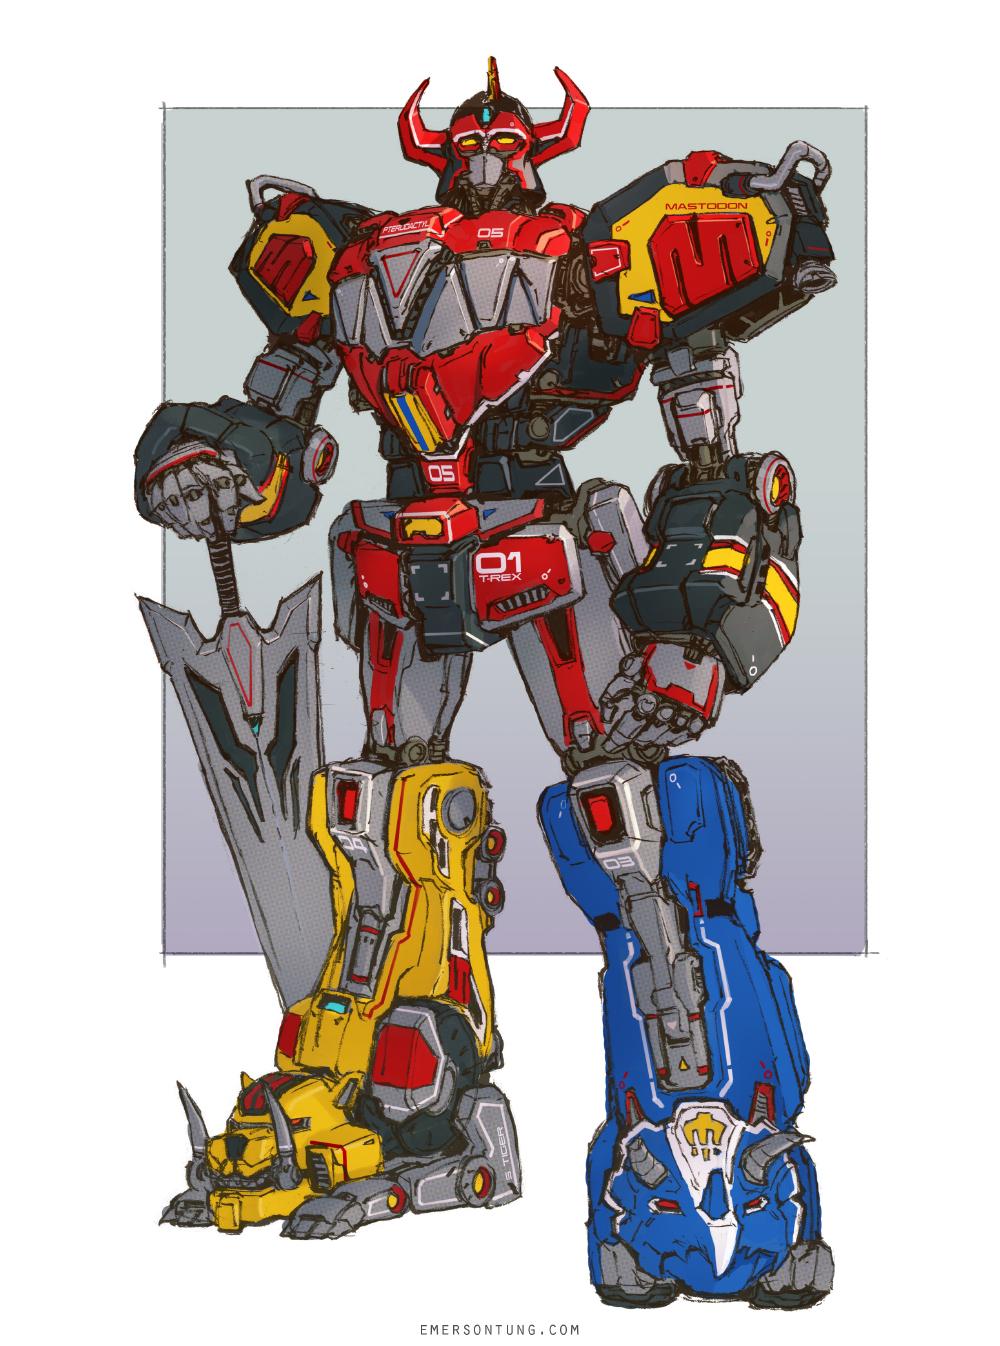 Zords Toys 29